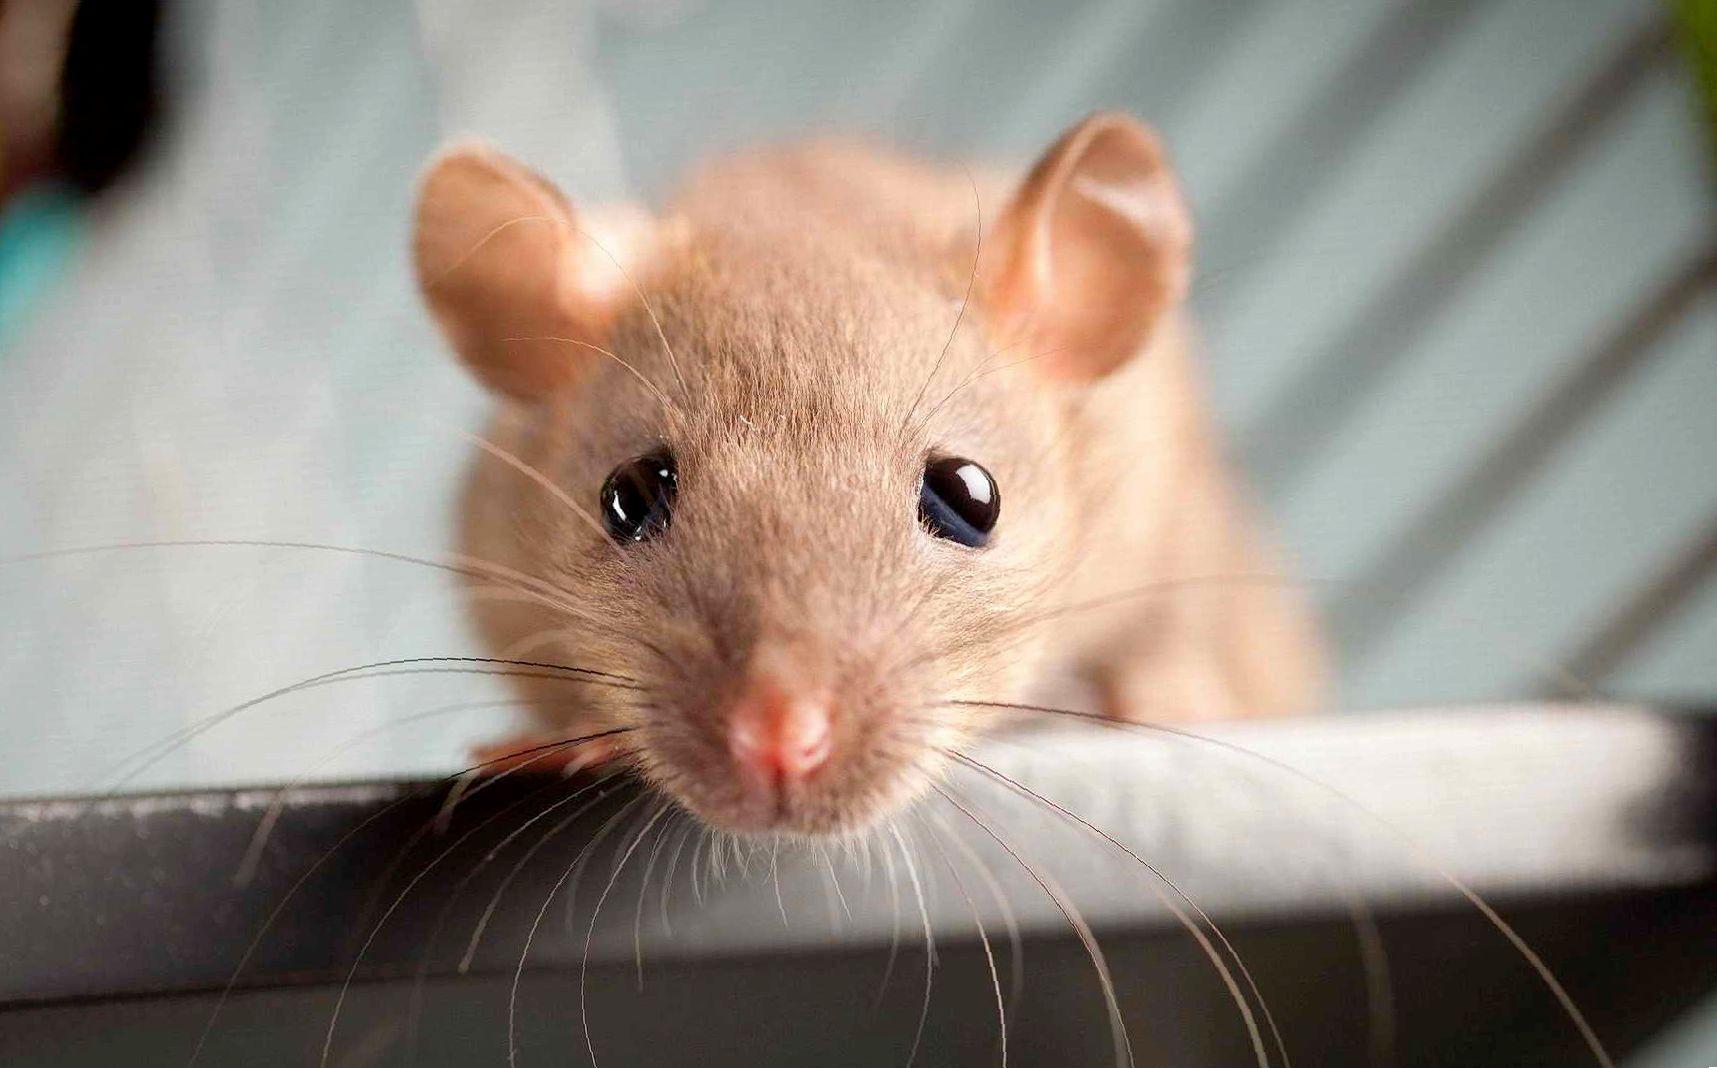 Микоплазмоз у крыс